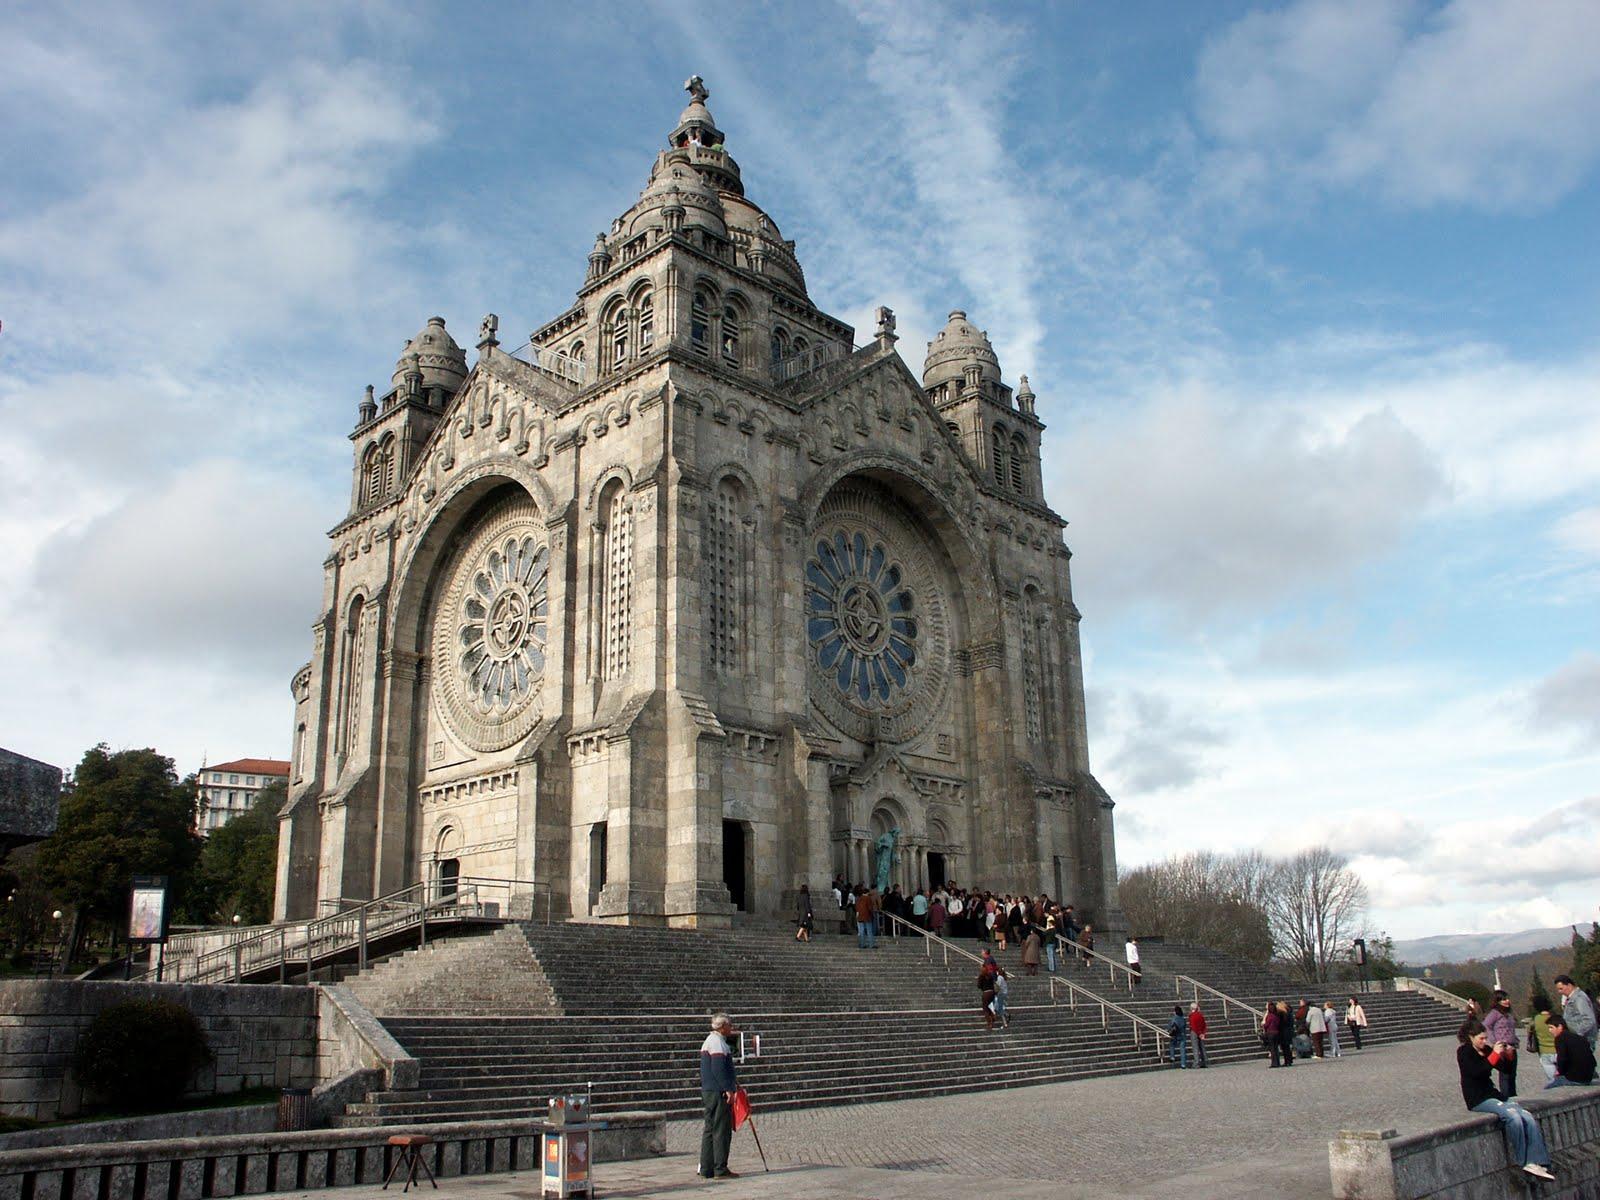 Viana Do Castelo Portugal  city pictures gallery : imagens de locais onde já estive: Viana do Castelo, Portugal